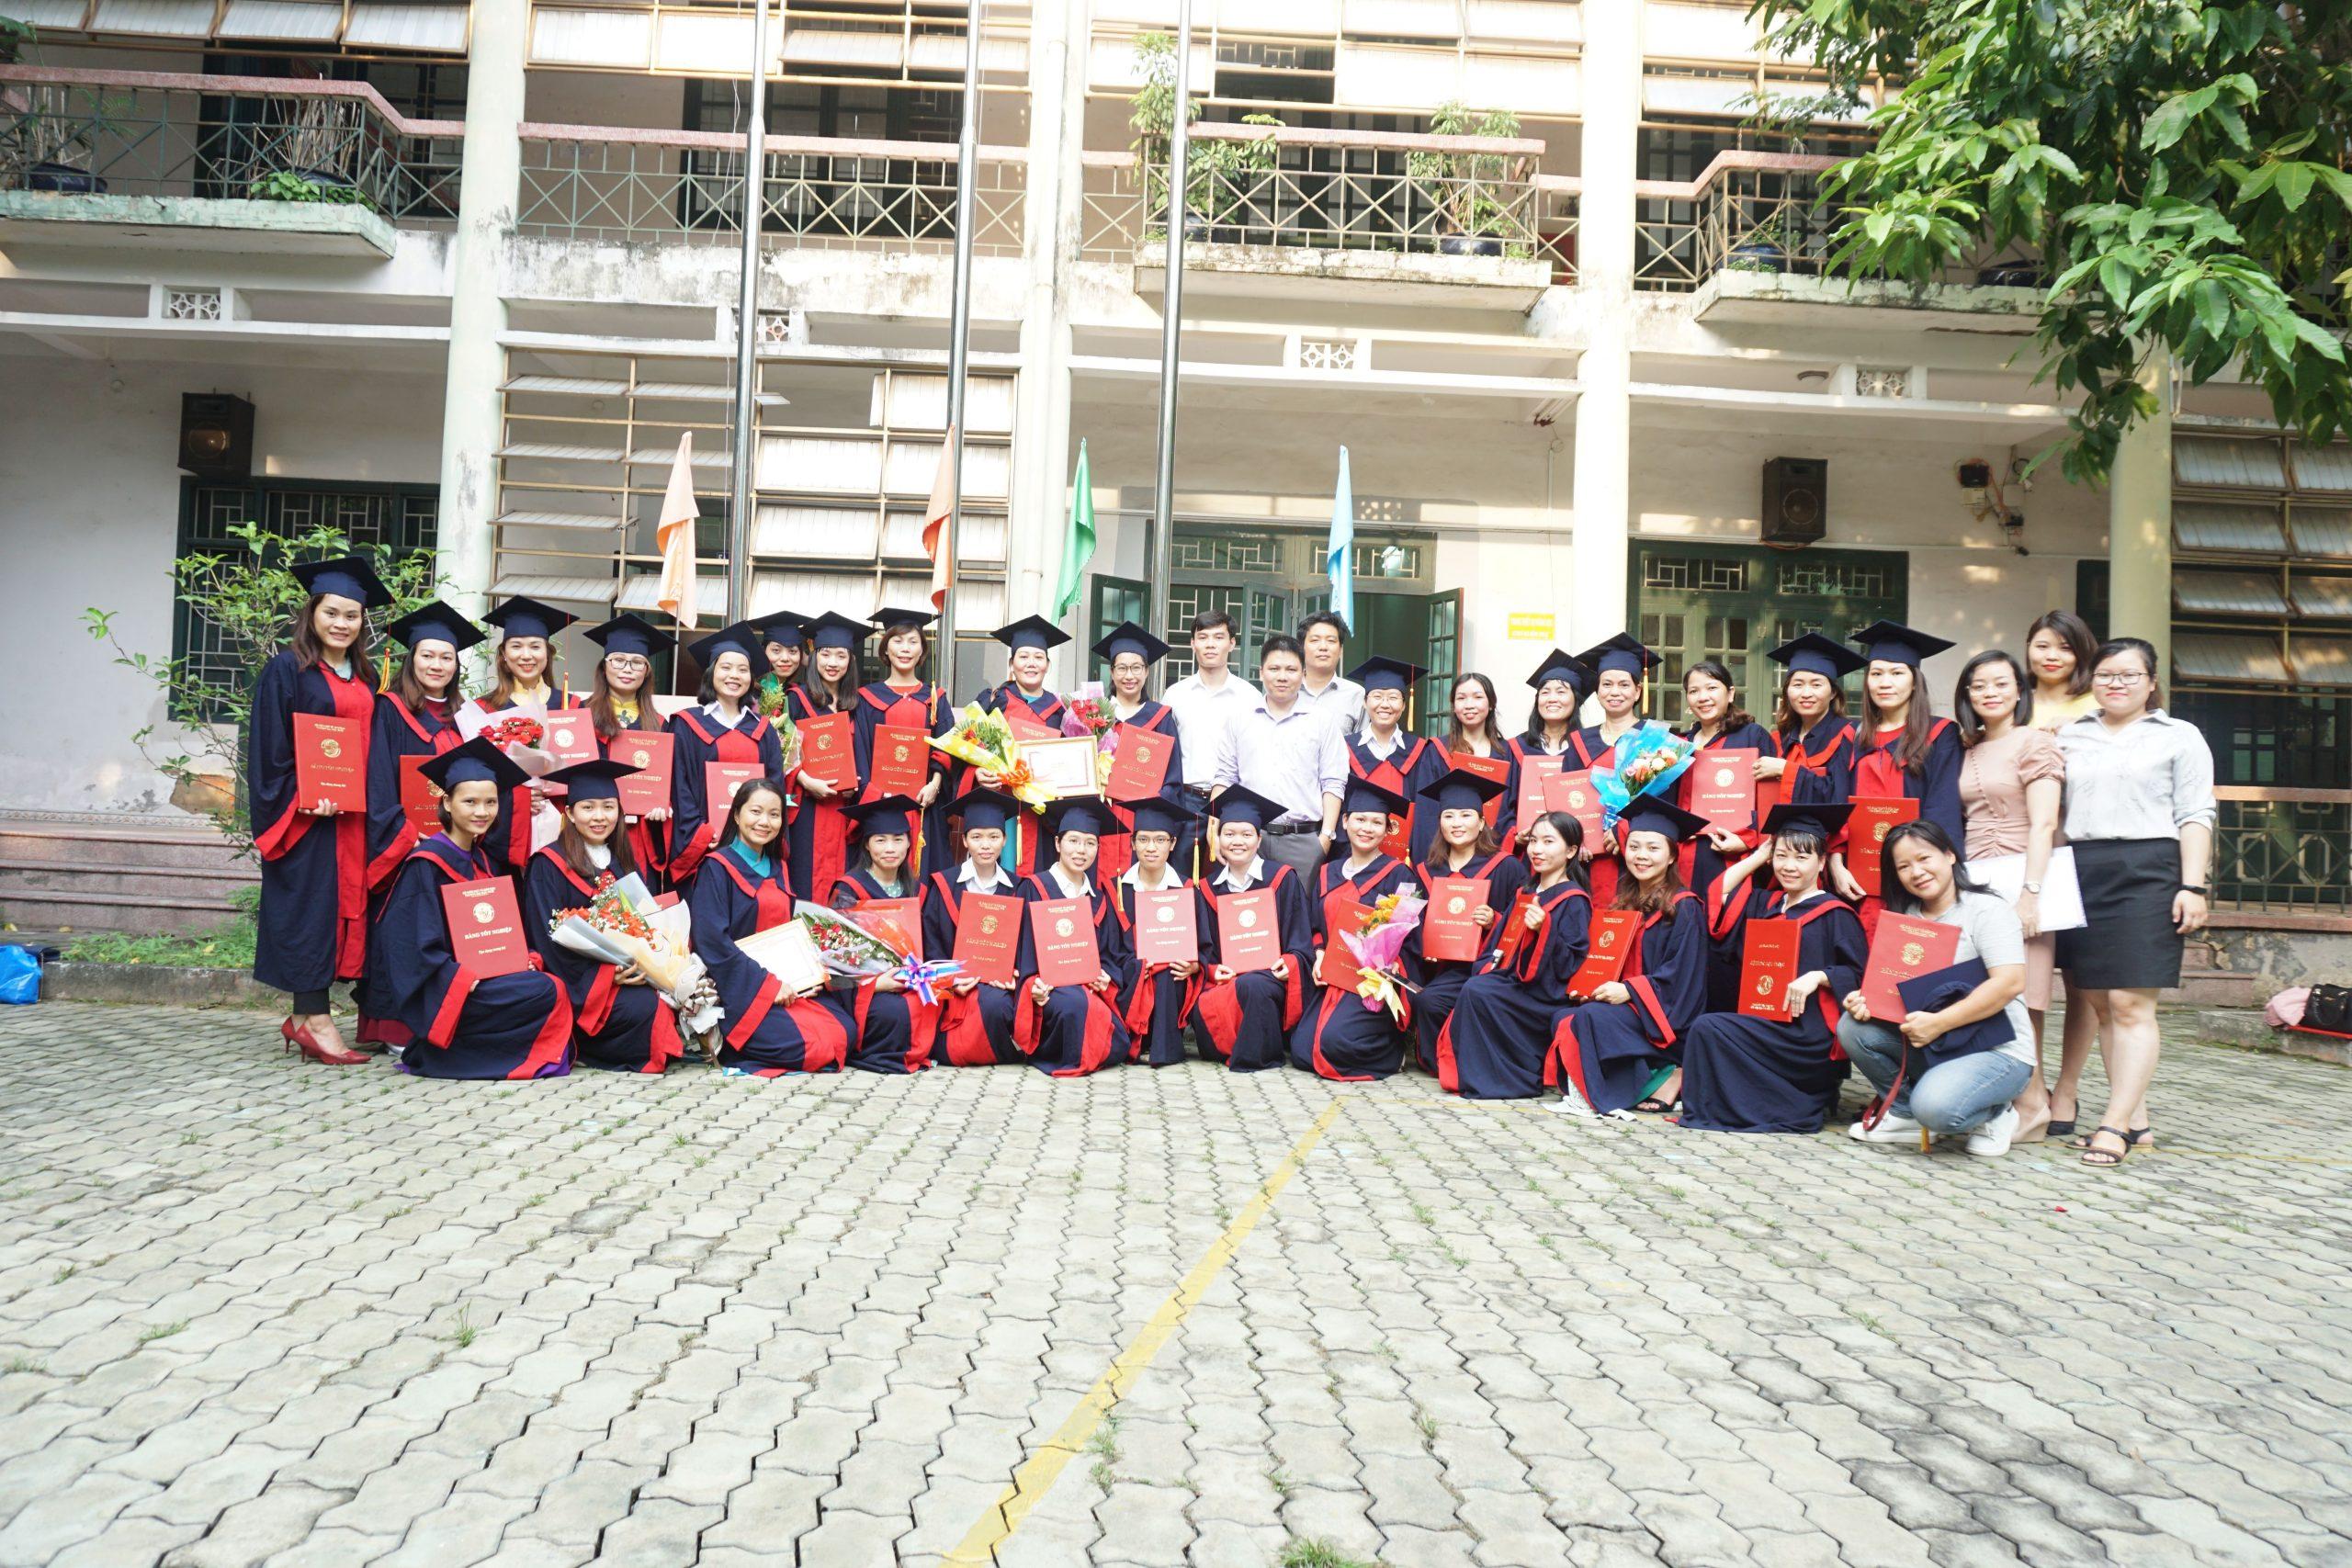 Liên thông đại học sư phạm tiểu học tại Tphcm 2019 2020